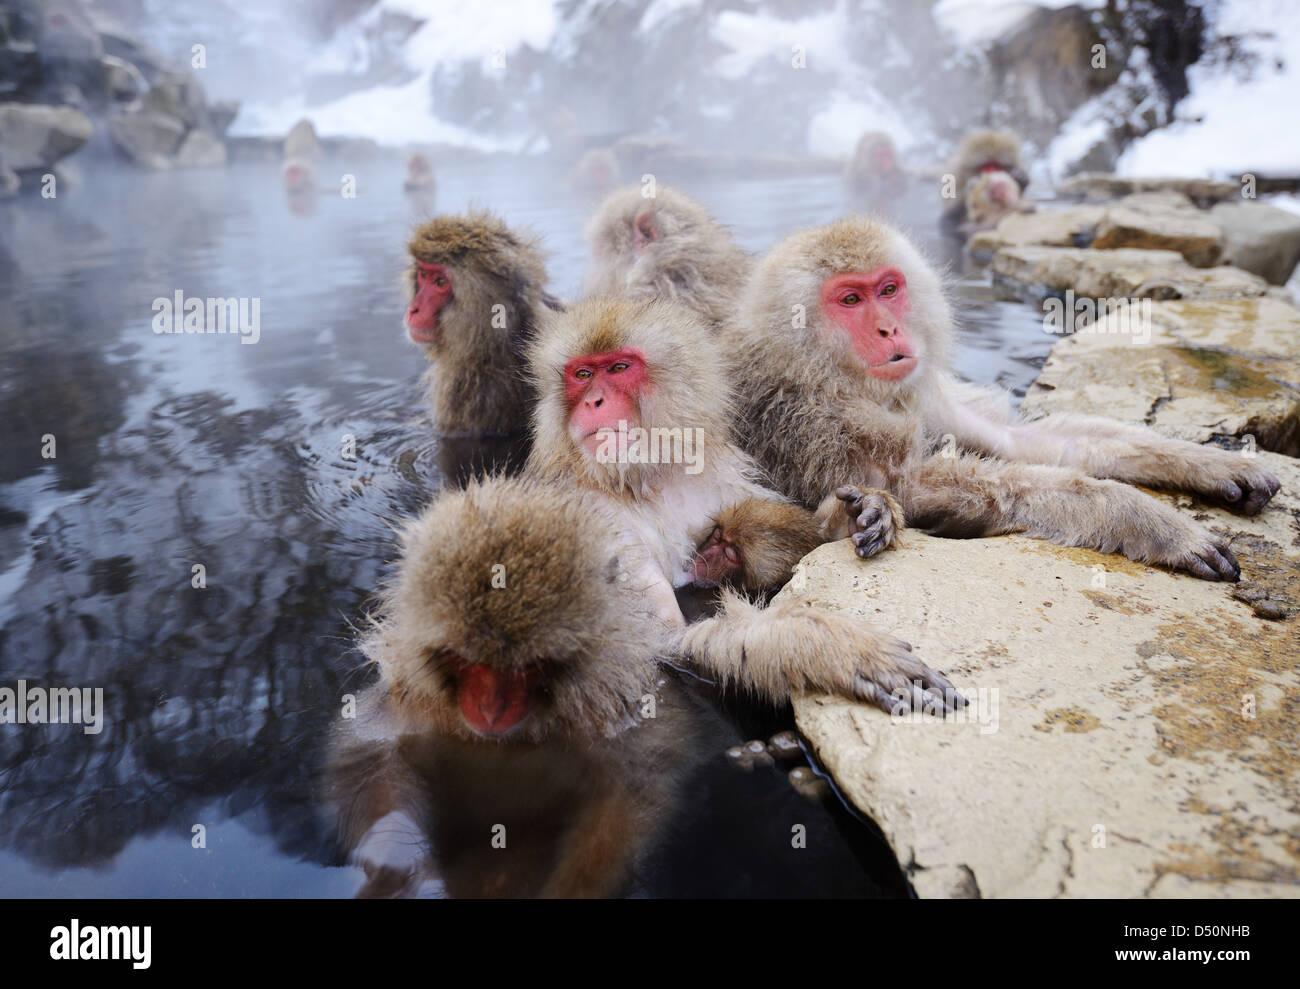 Monos de nieve japonés baño en aguas termales en Nagano, Japón. Imagen De Stock